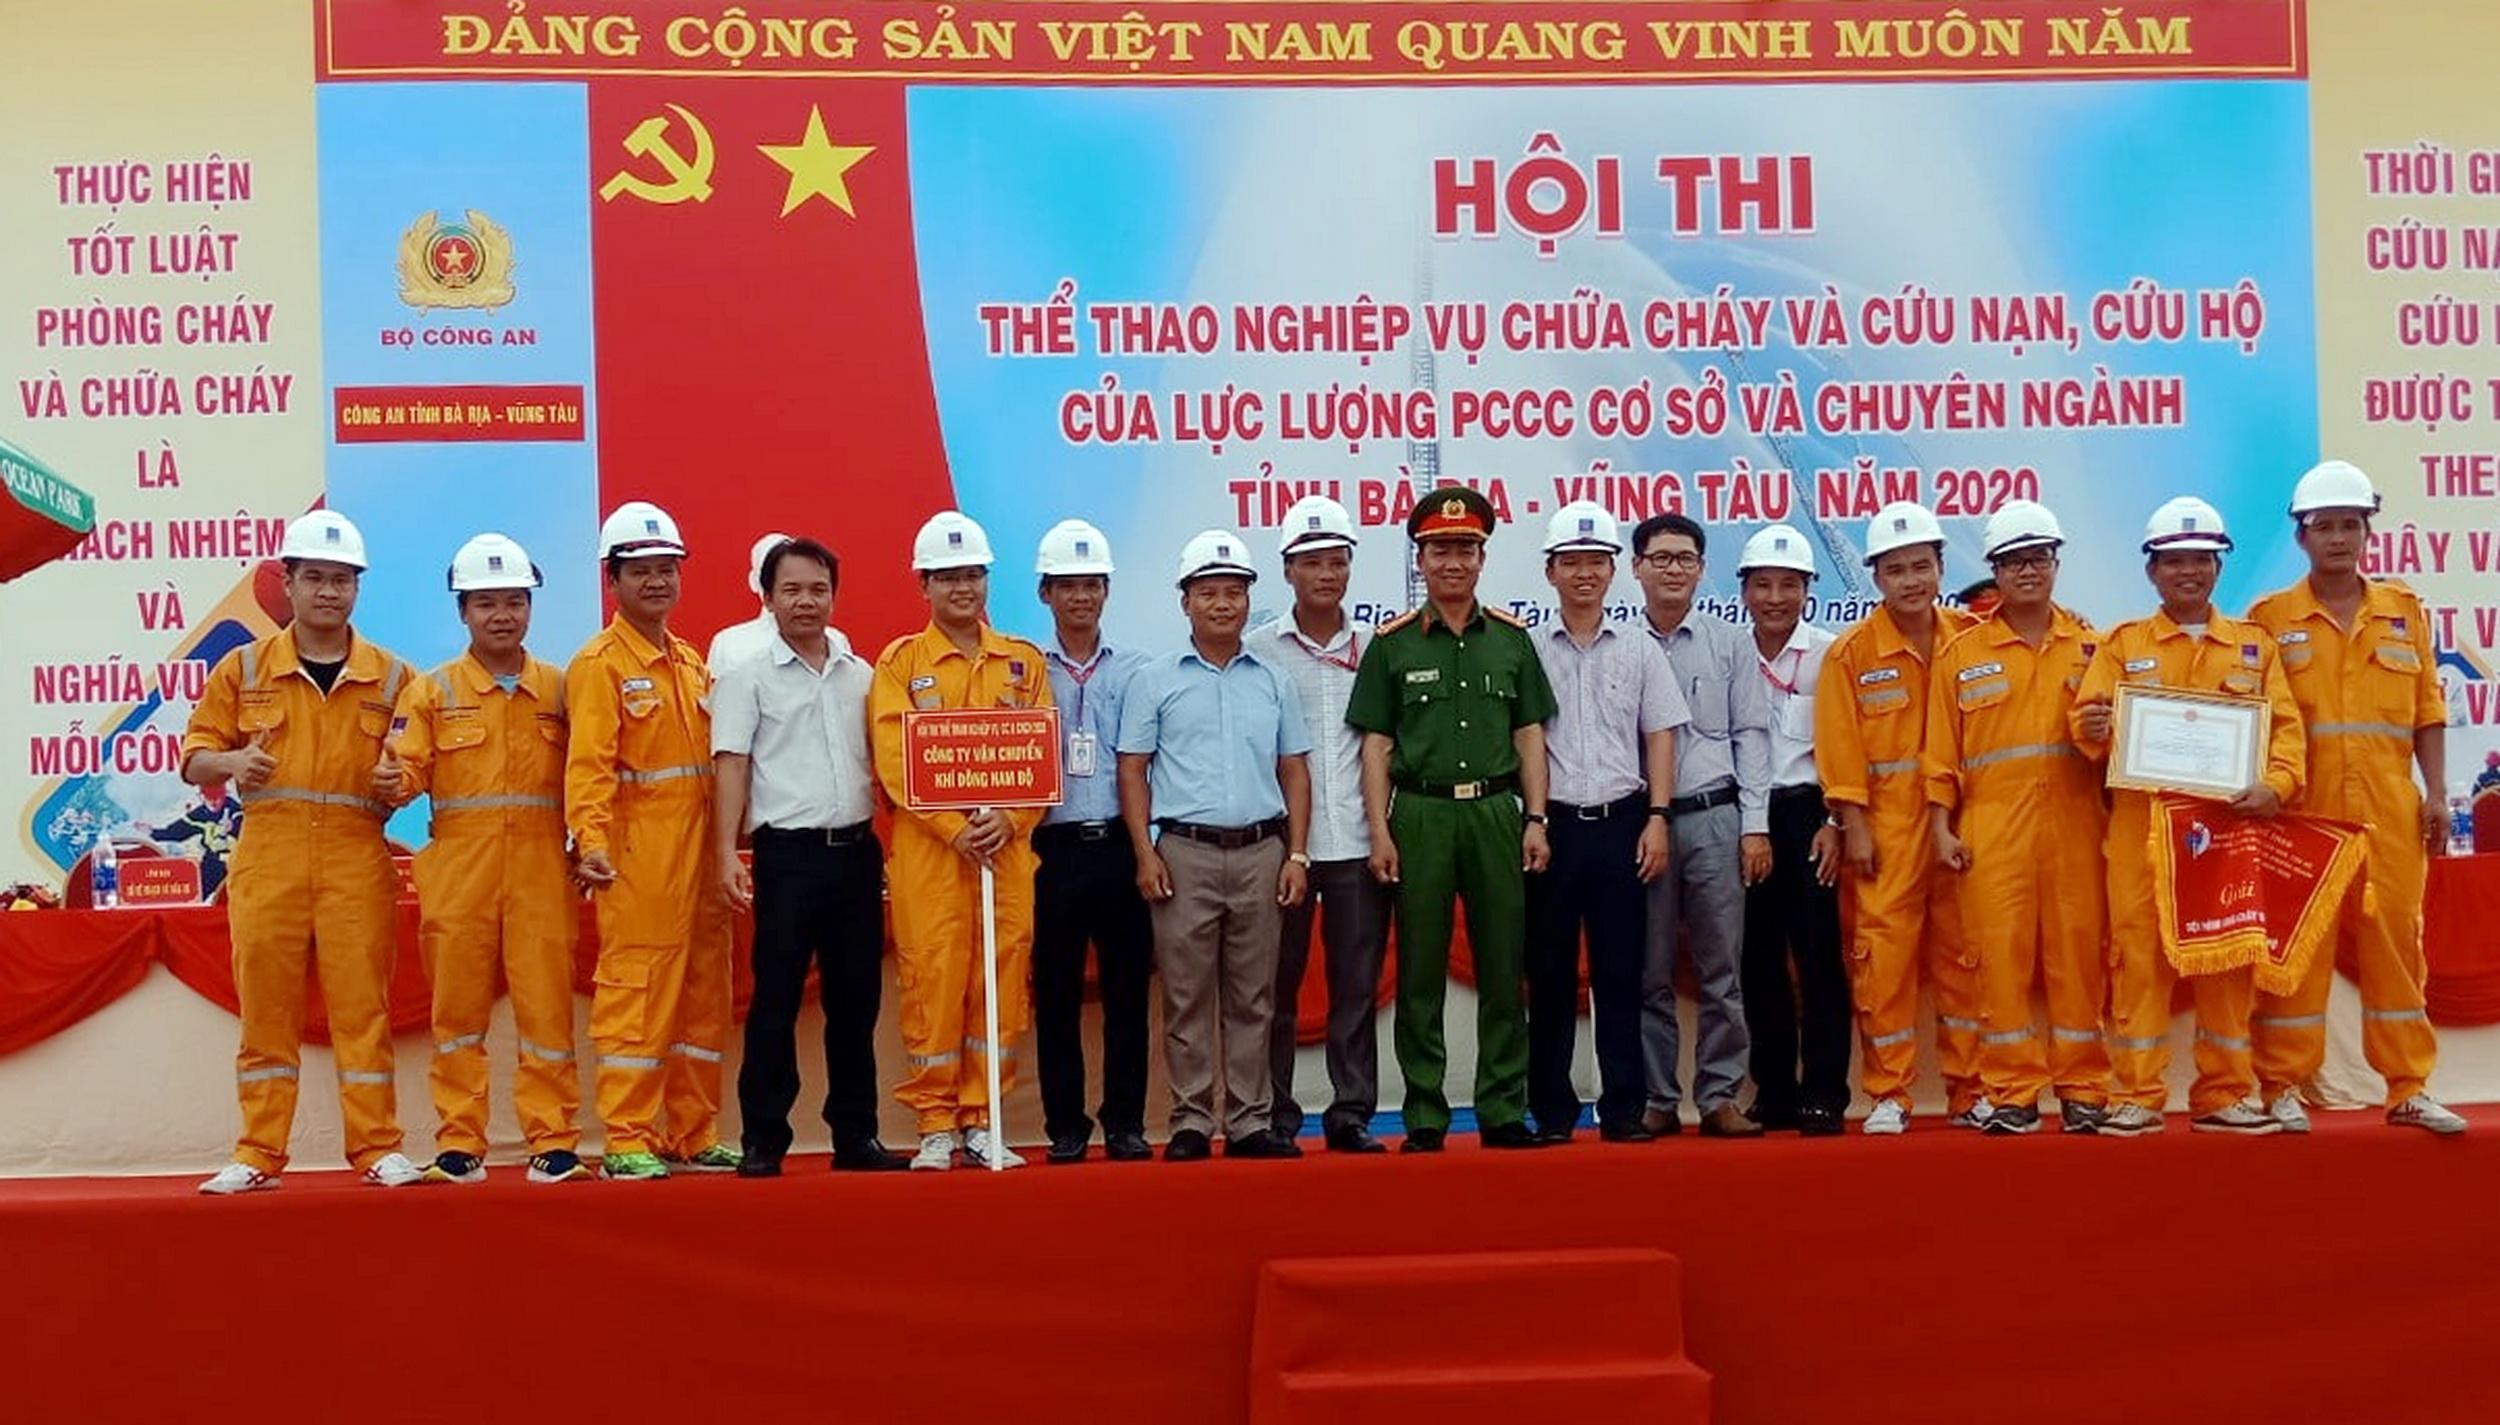 Đội tuyển KĐN giành giải Nhì Hội thao